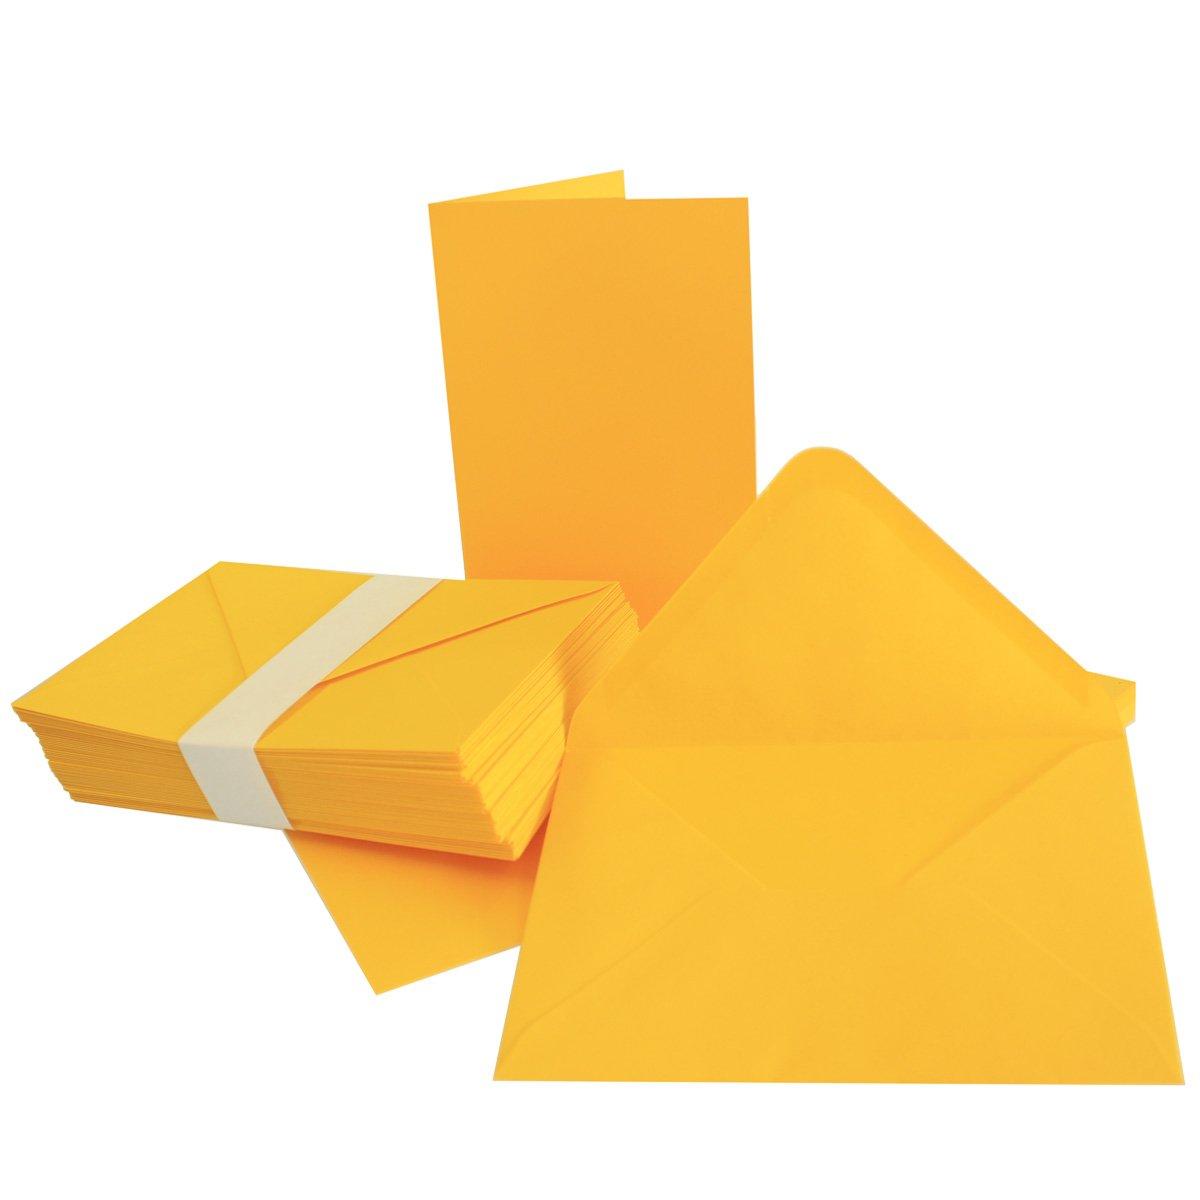 75 Sets - Faltkarten Hellgrau - Din A5  Umschläge Din C5 - Premium Qualität - Sehr formstabil - Qualitätsmarke  NEUSER FarbenFroh B07BS8GKSC | Sonderangebot